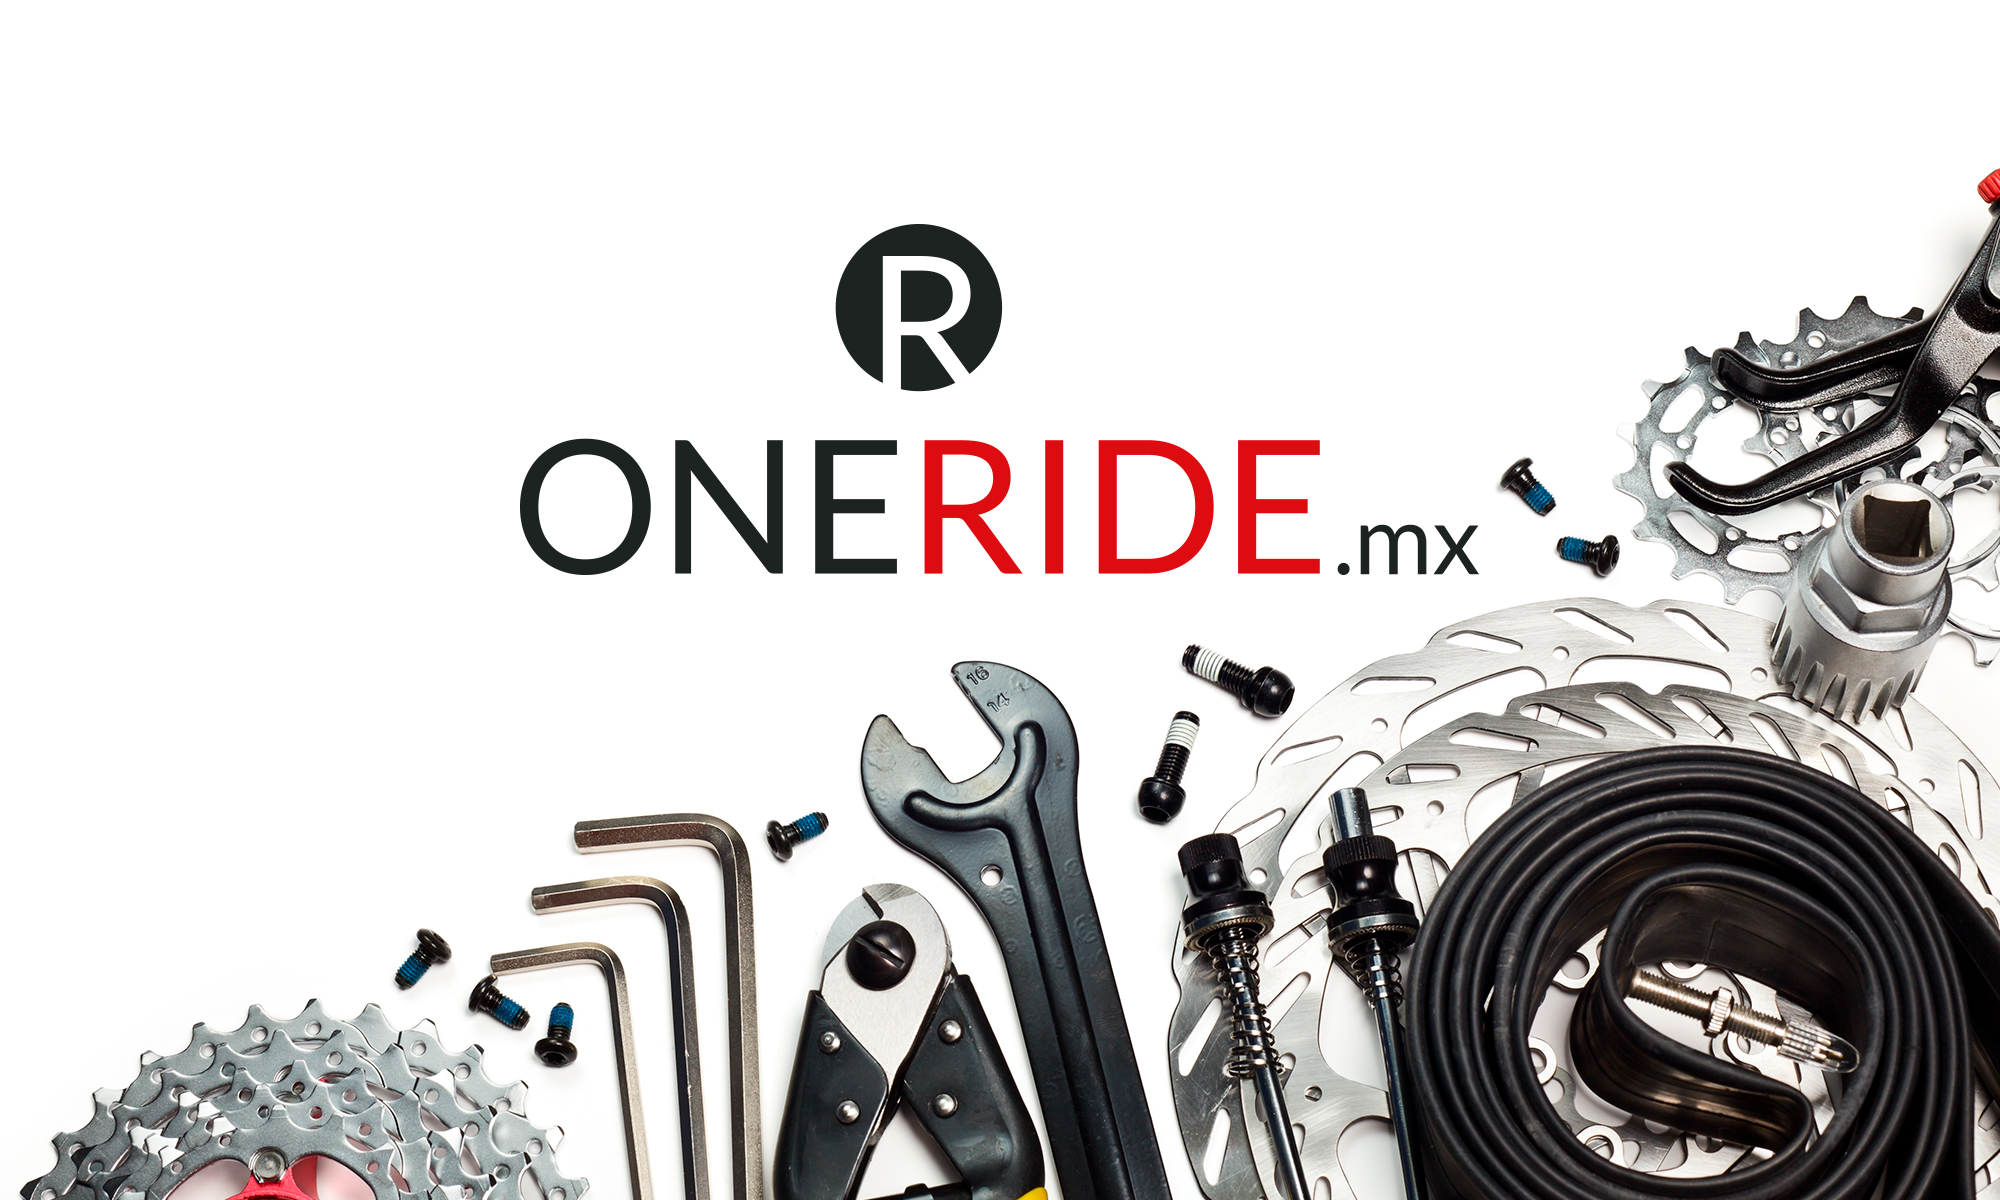 OneRide-tienda de ciclismo Mexico